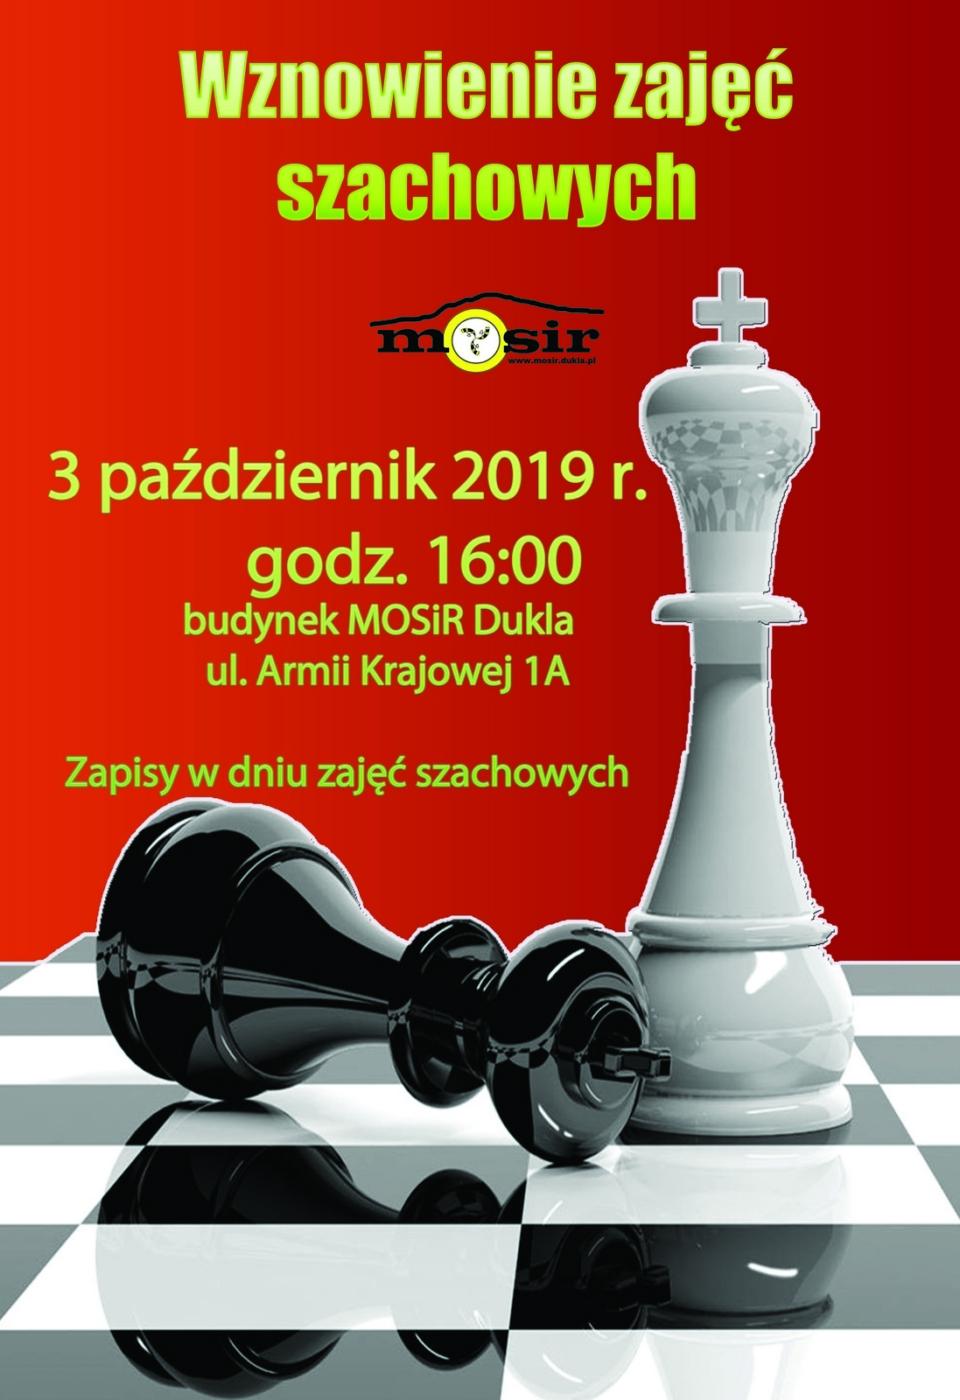 szachy wznowienie zajeć 2019m